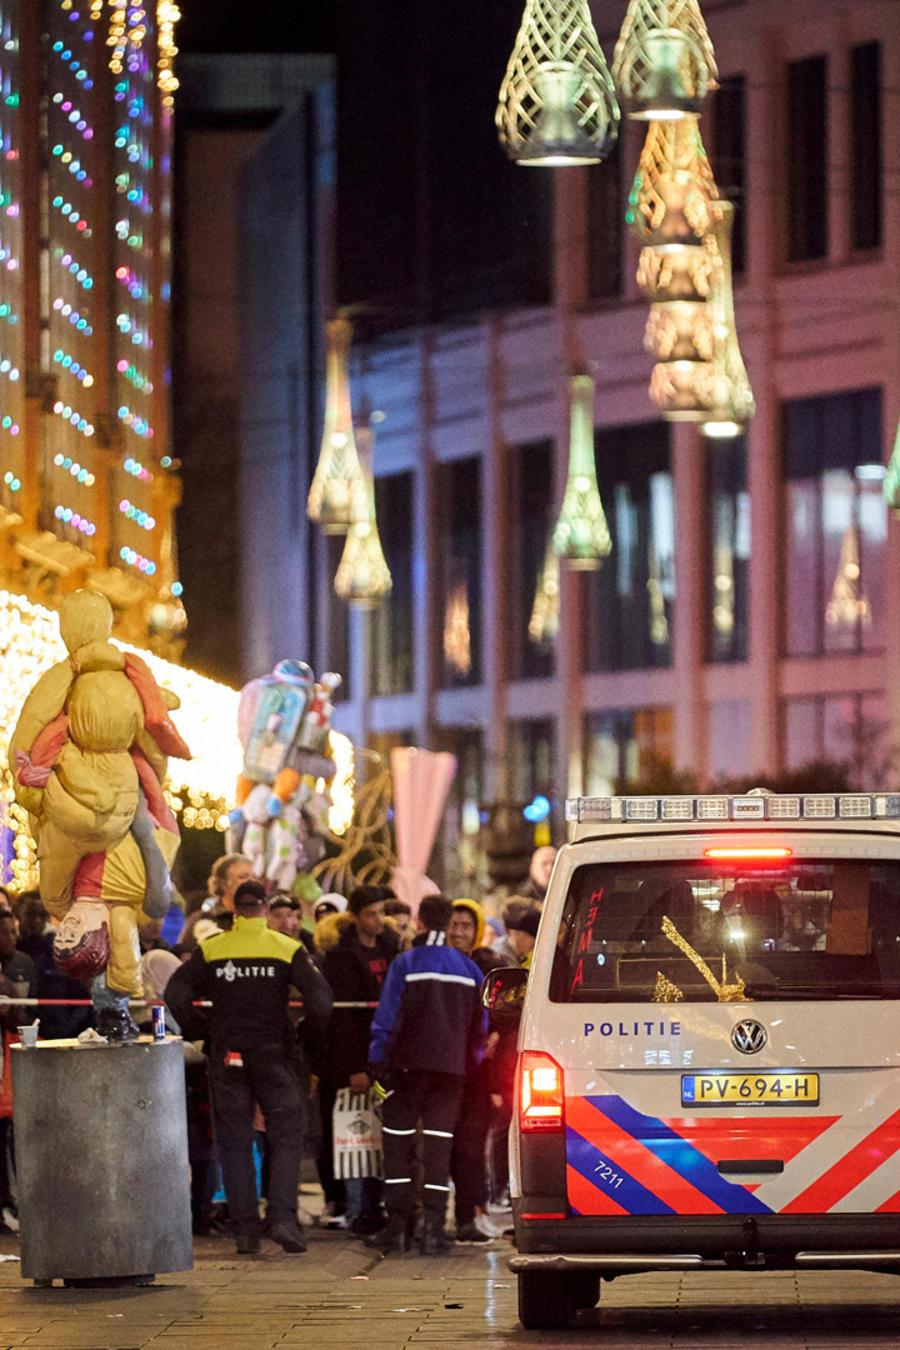 Escenario de la calle comercial donde se produjo apuñalamiento masivo en La Haya.